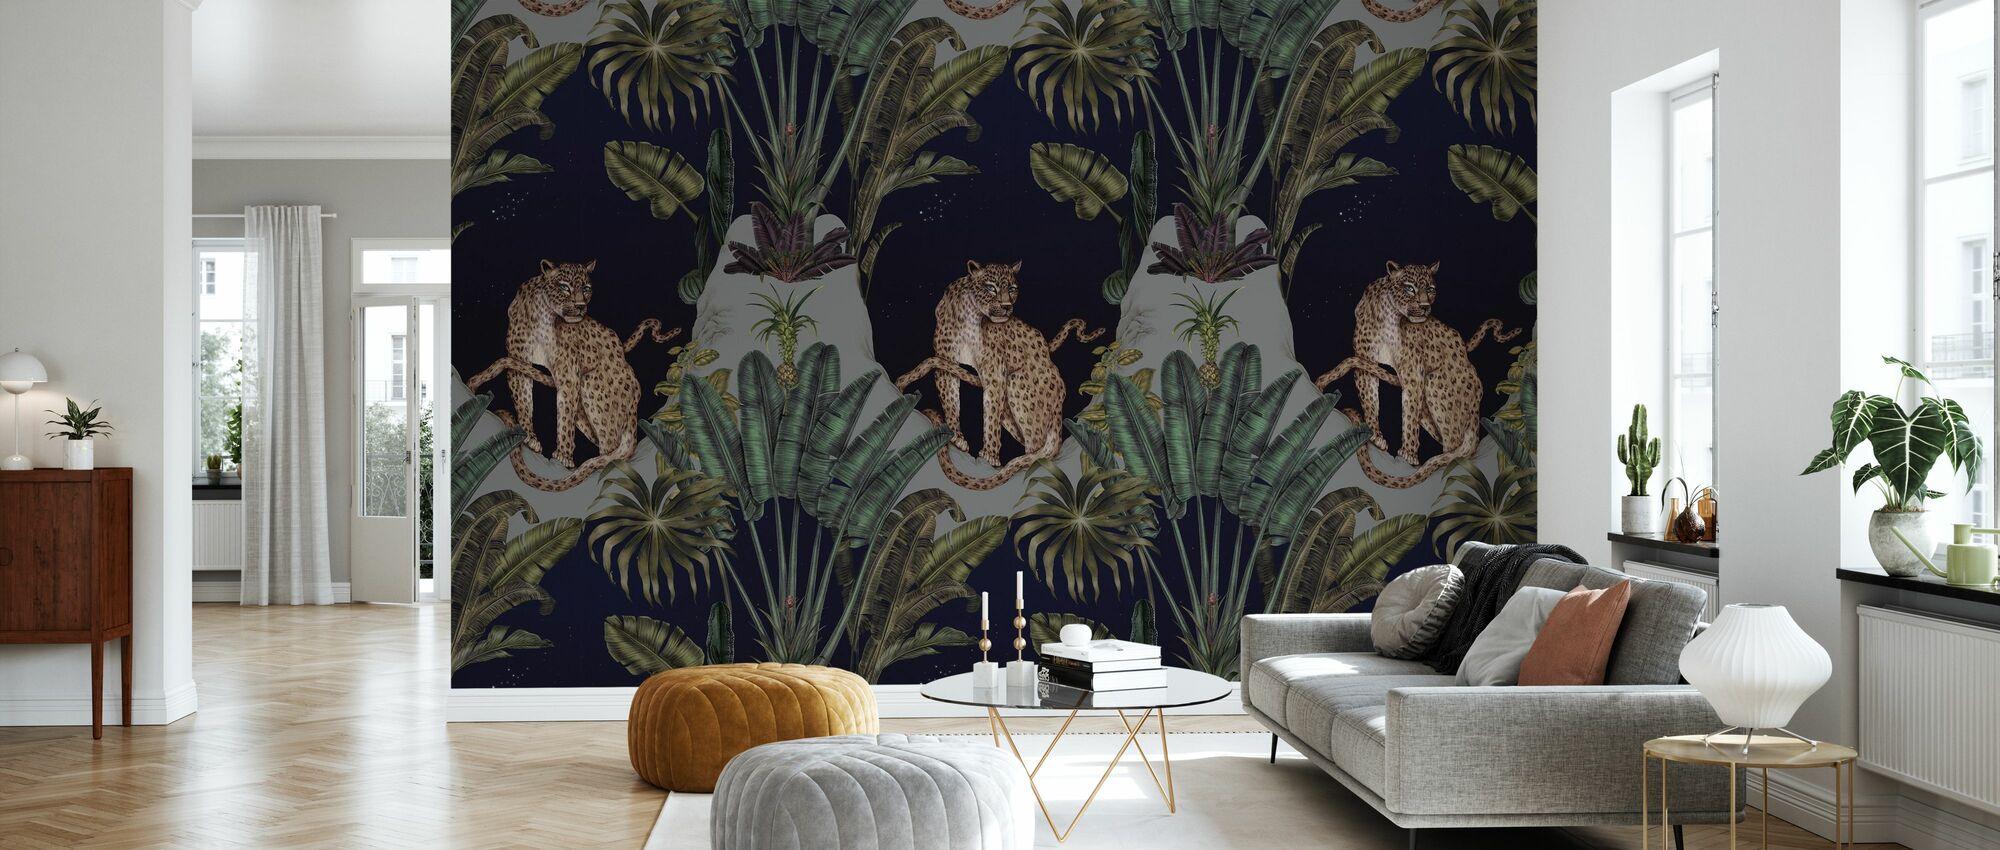 Persisk Leopard - Tapet - Stue